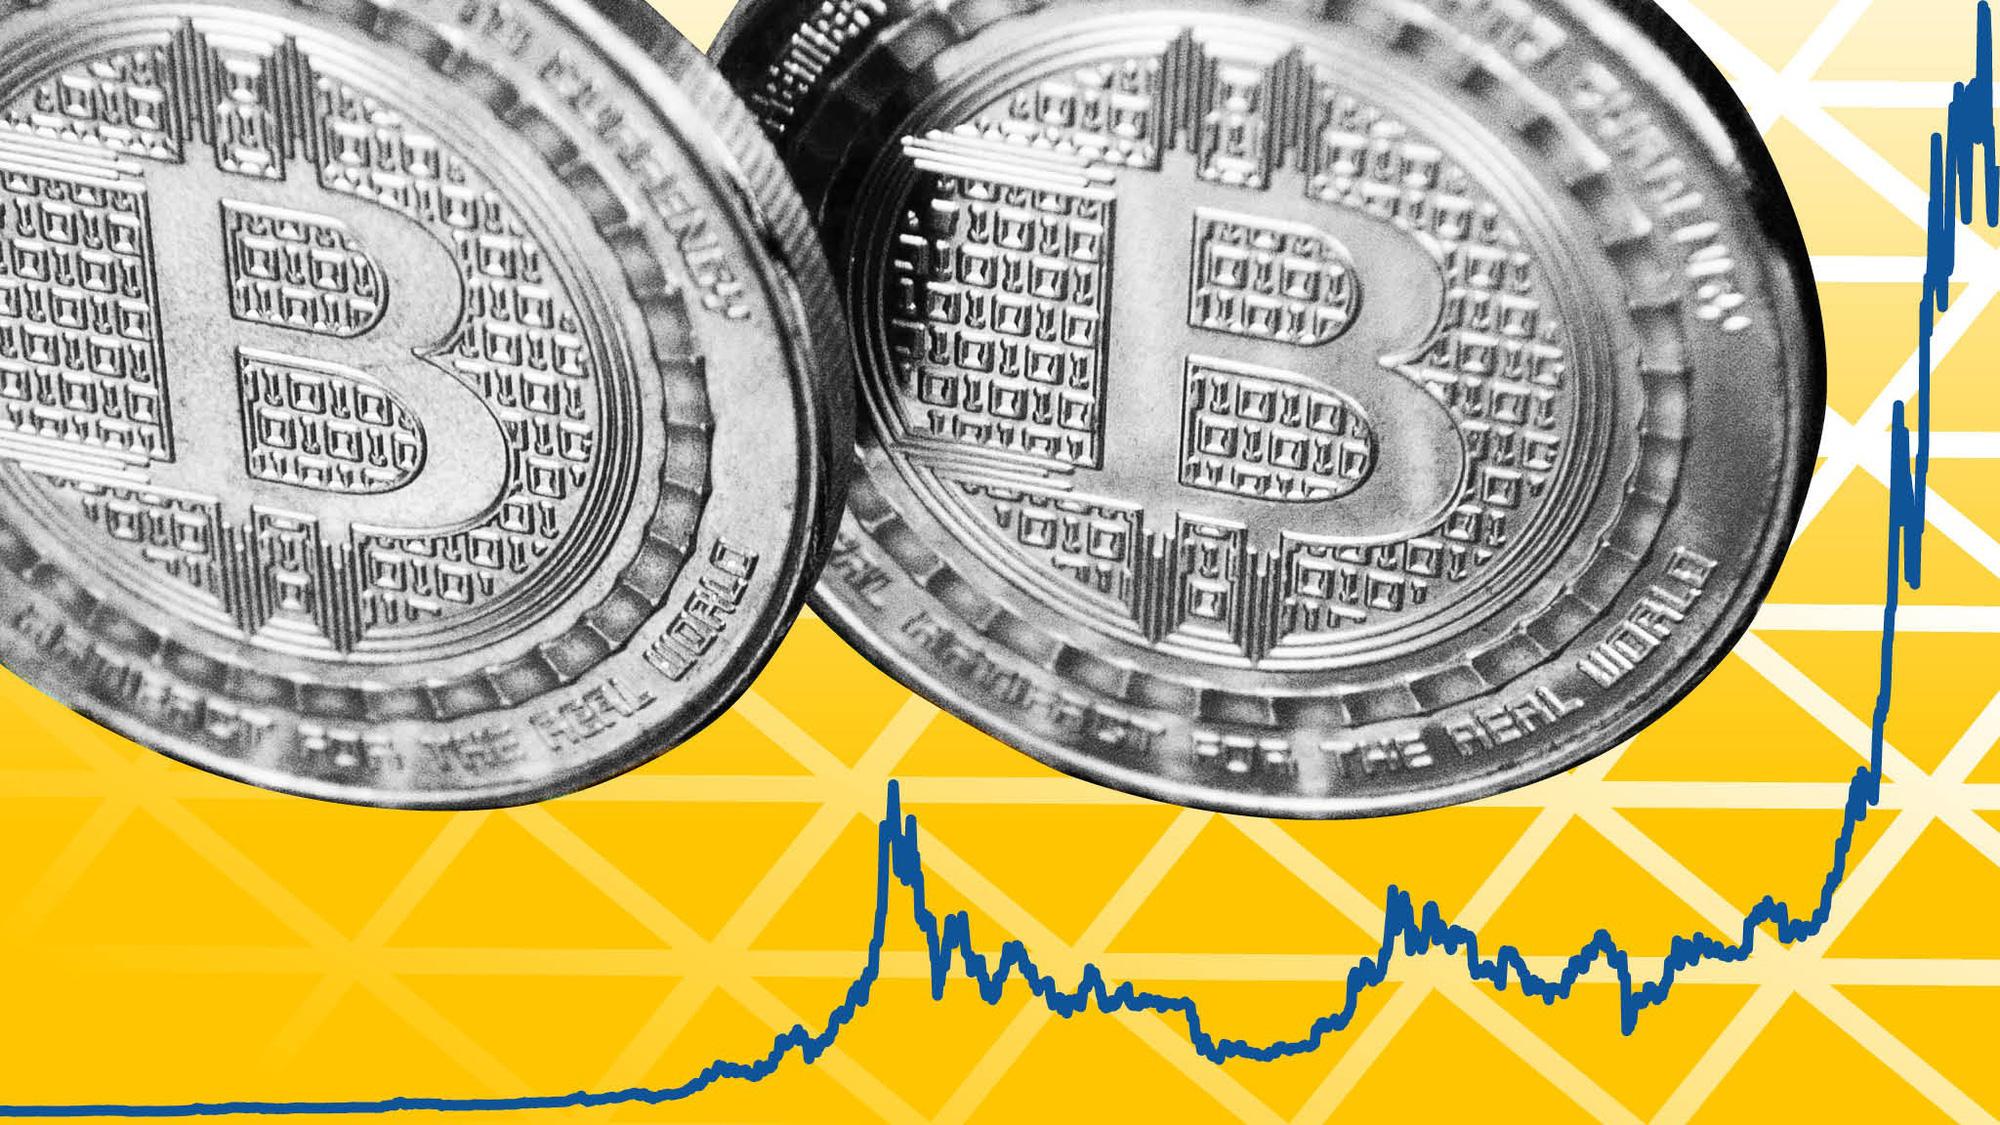 Các loại tiền ảo sẽ thất bại nhưng bitcoin trường tồn? - Ảnh 1.